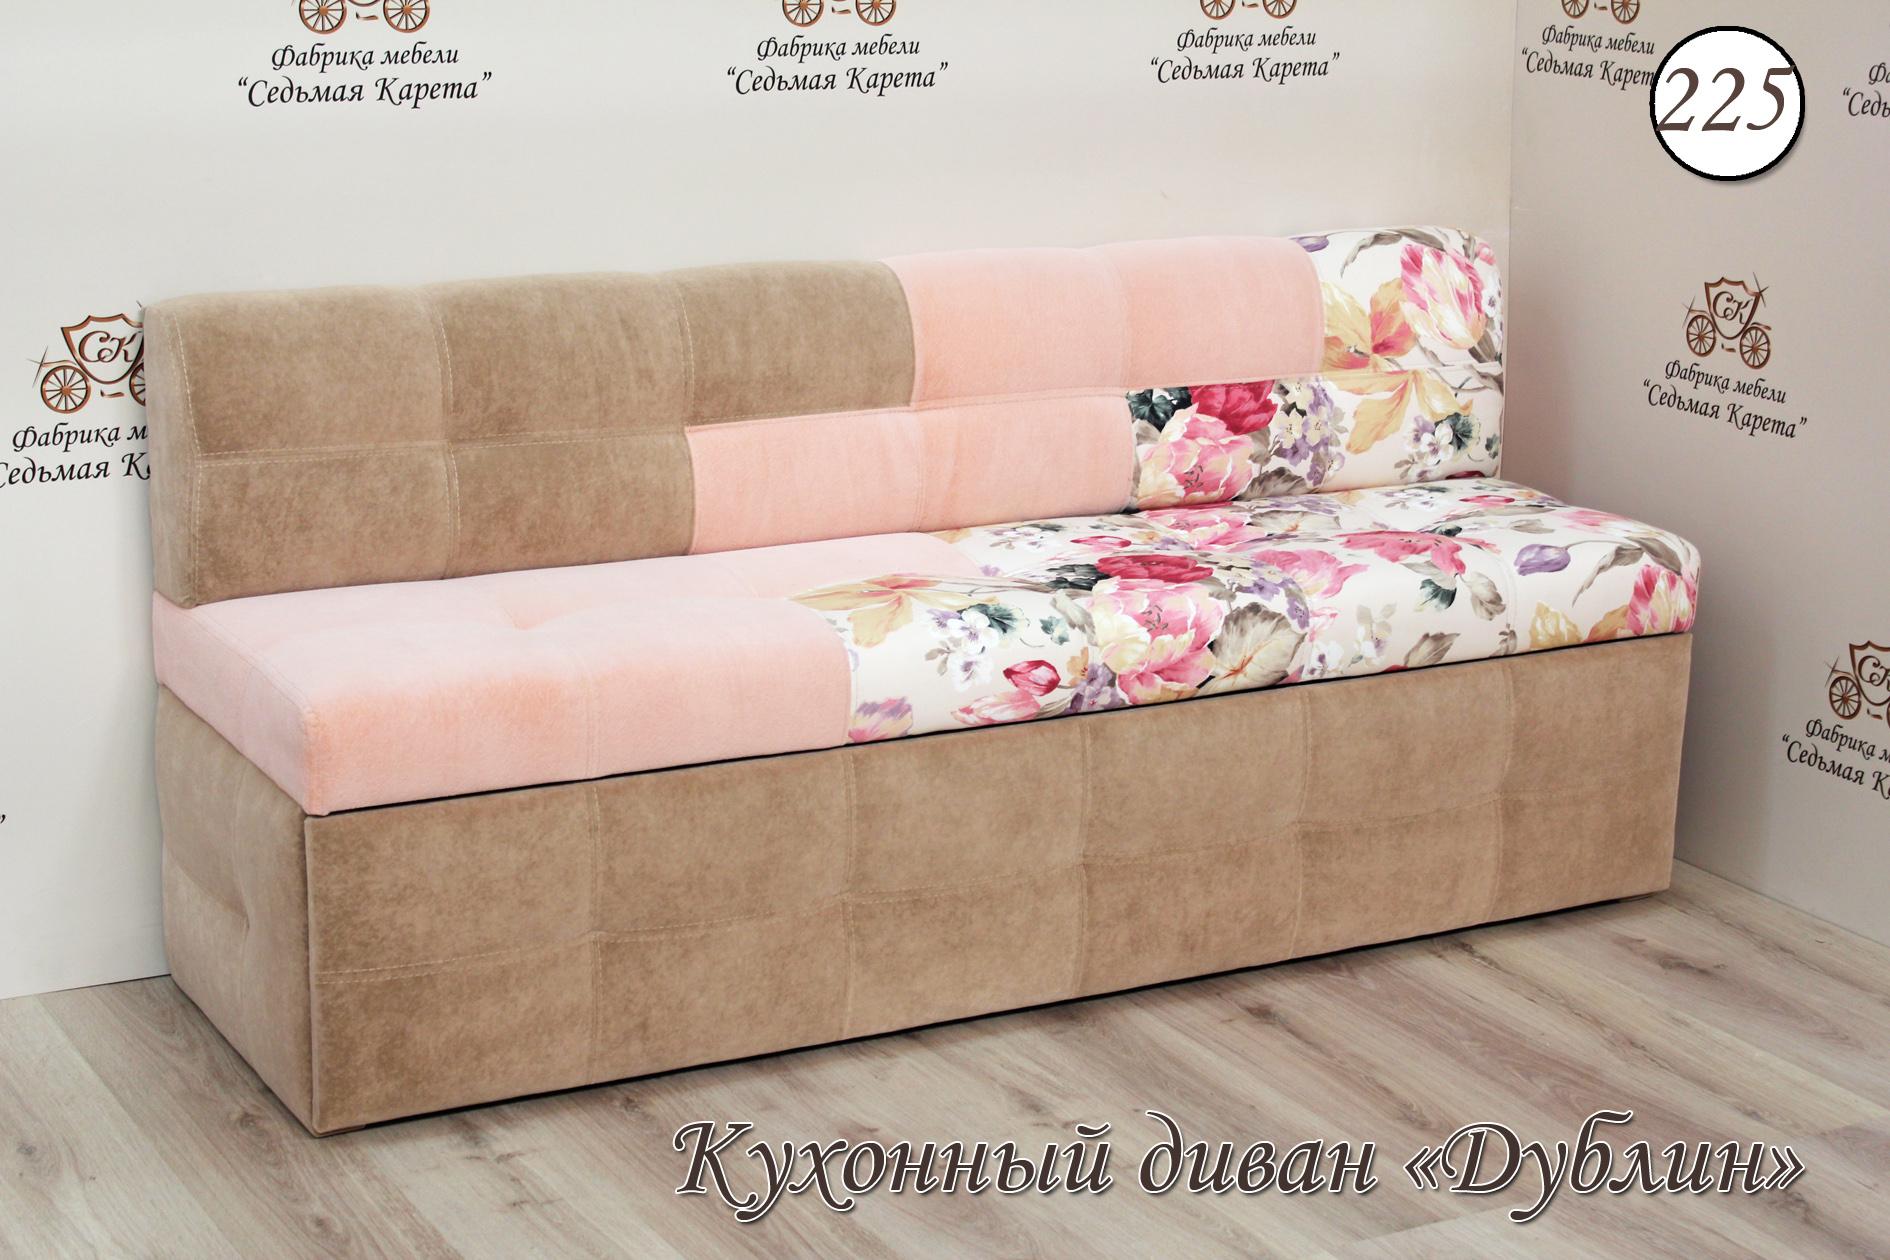 Кухонный диван Дублин-209